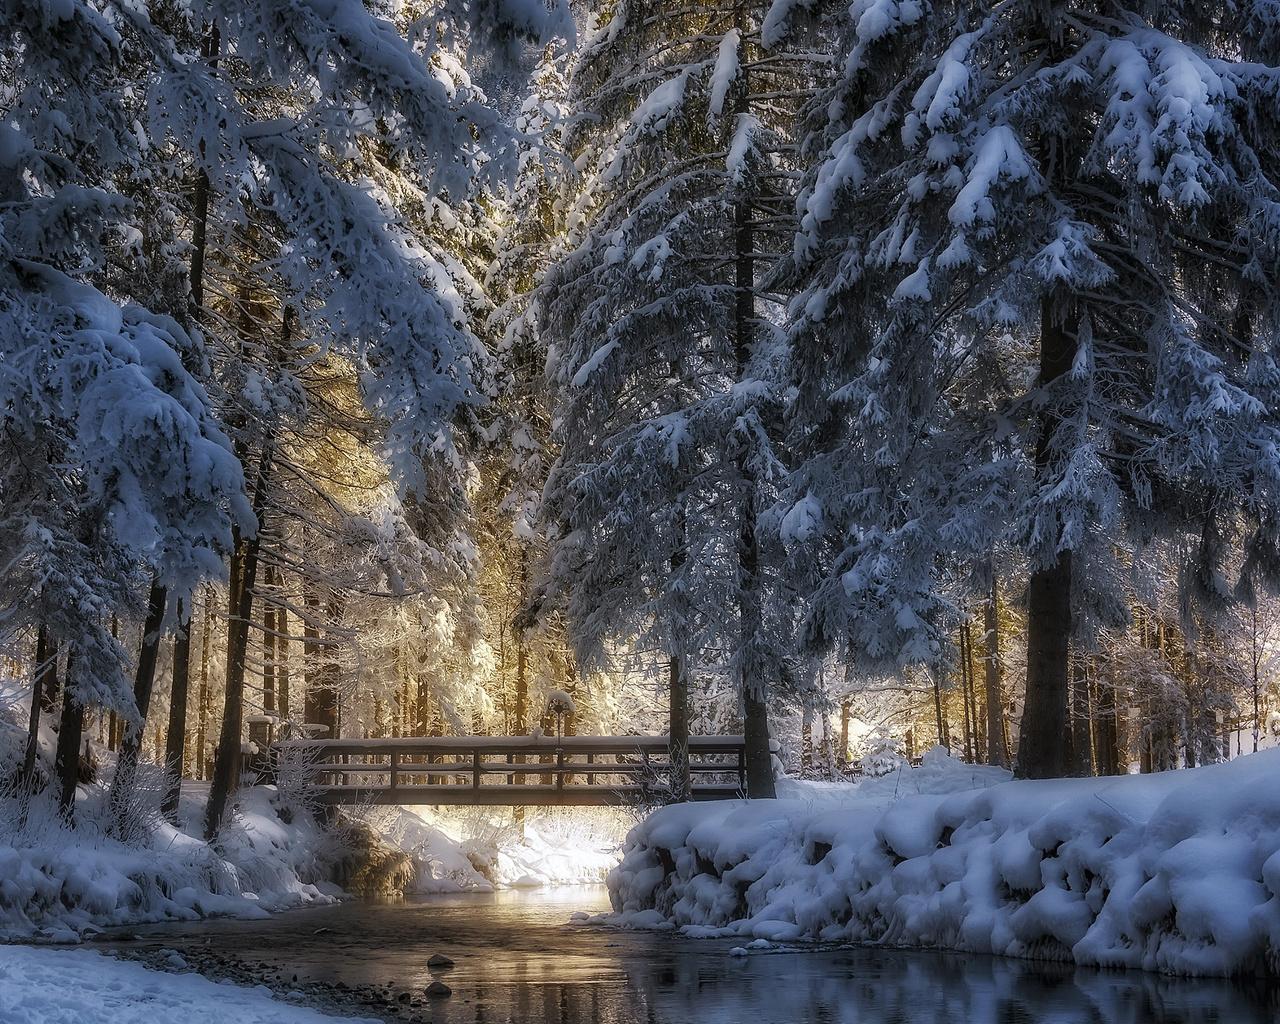 зима, снег, деревья, пейзаж, природа, парк, лёд, речка, мостик, rudi moerkl